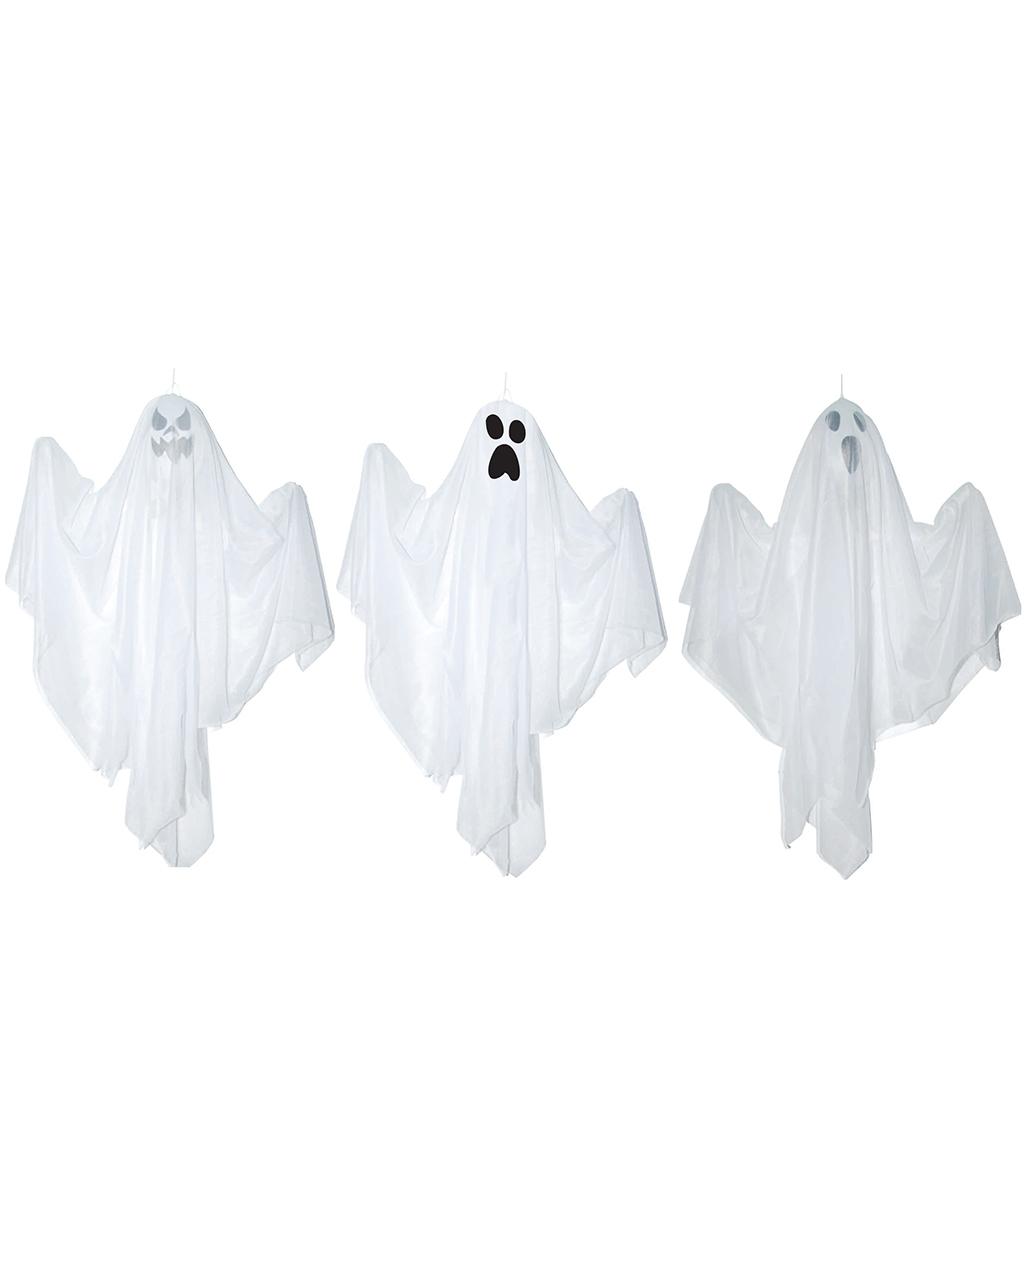 Kleiner fetzen geist als halloween deko horror for Kleiner liegestuhl deko